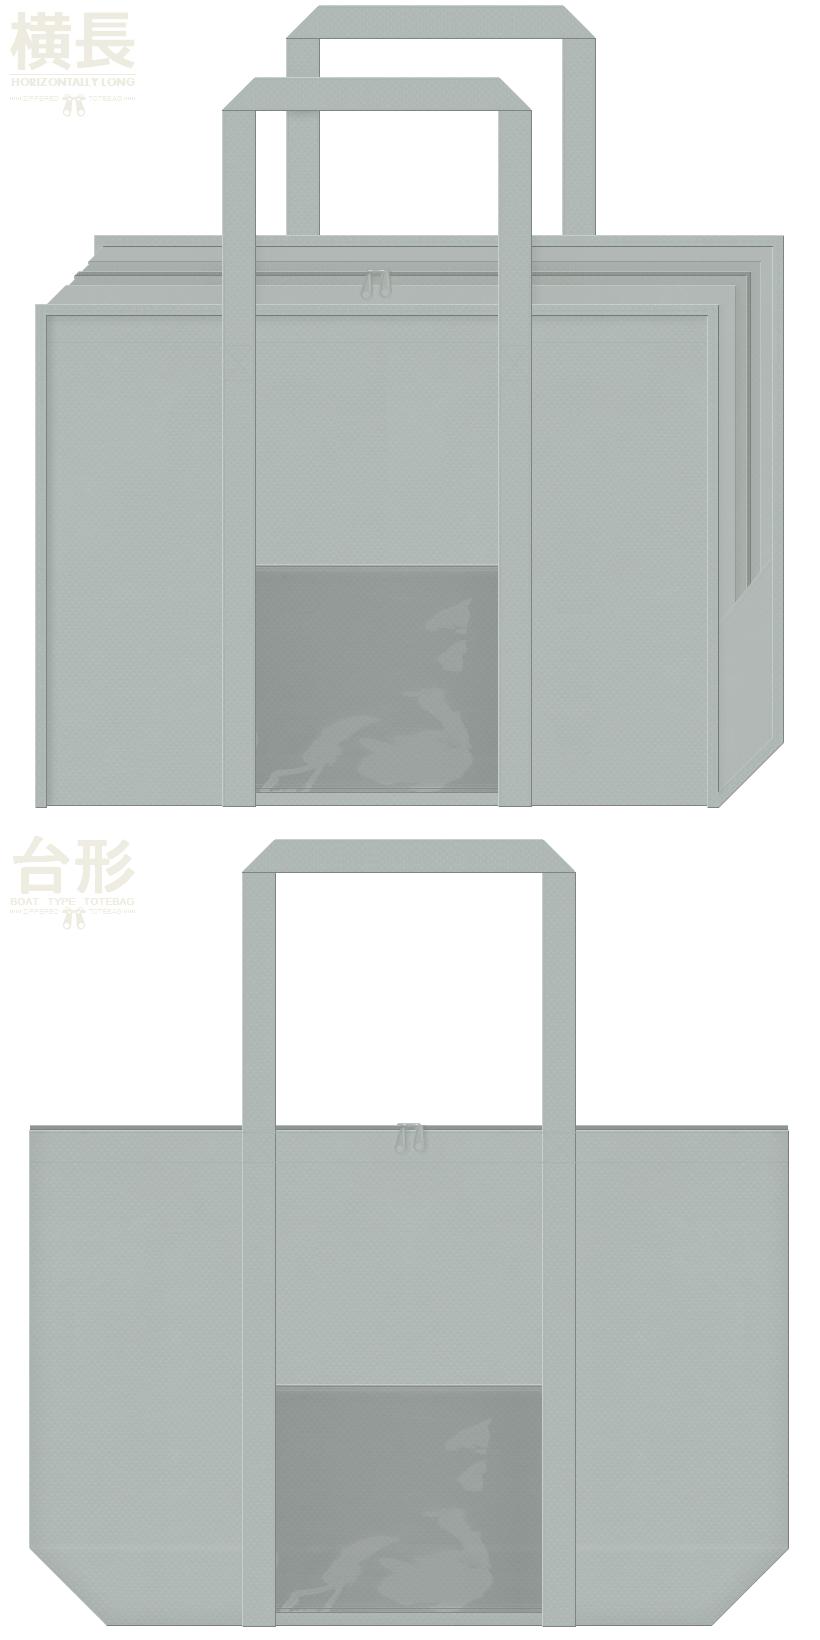 グレー色の不織布バッグデザイン:透明ポケット付きの不織布ランドリーバッグ